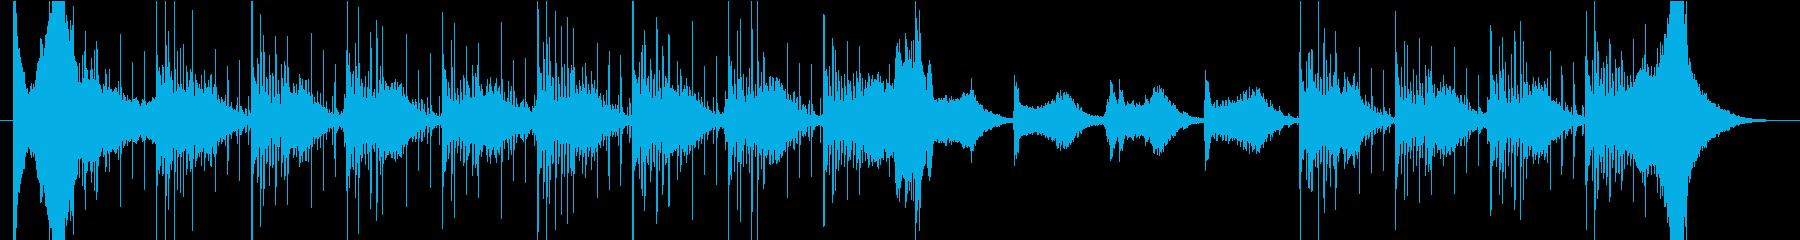 モダン 実験的 アンビエント ドラ...の再生済みの波形